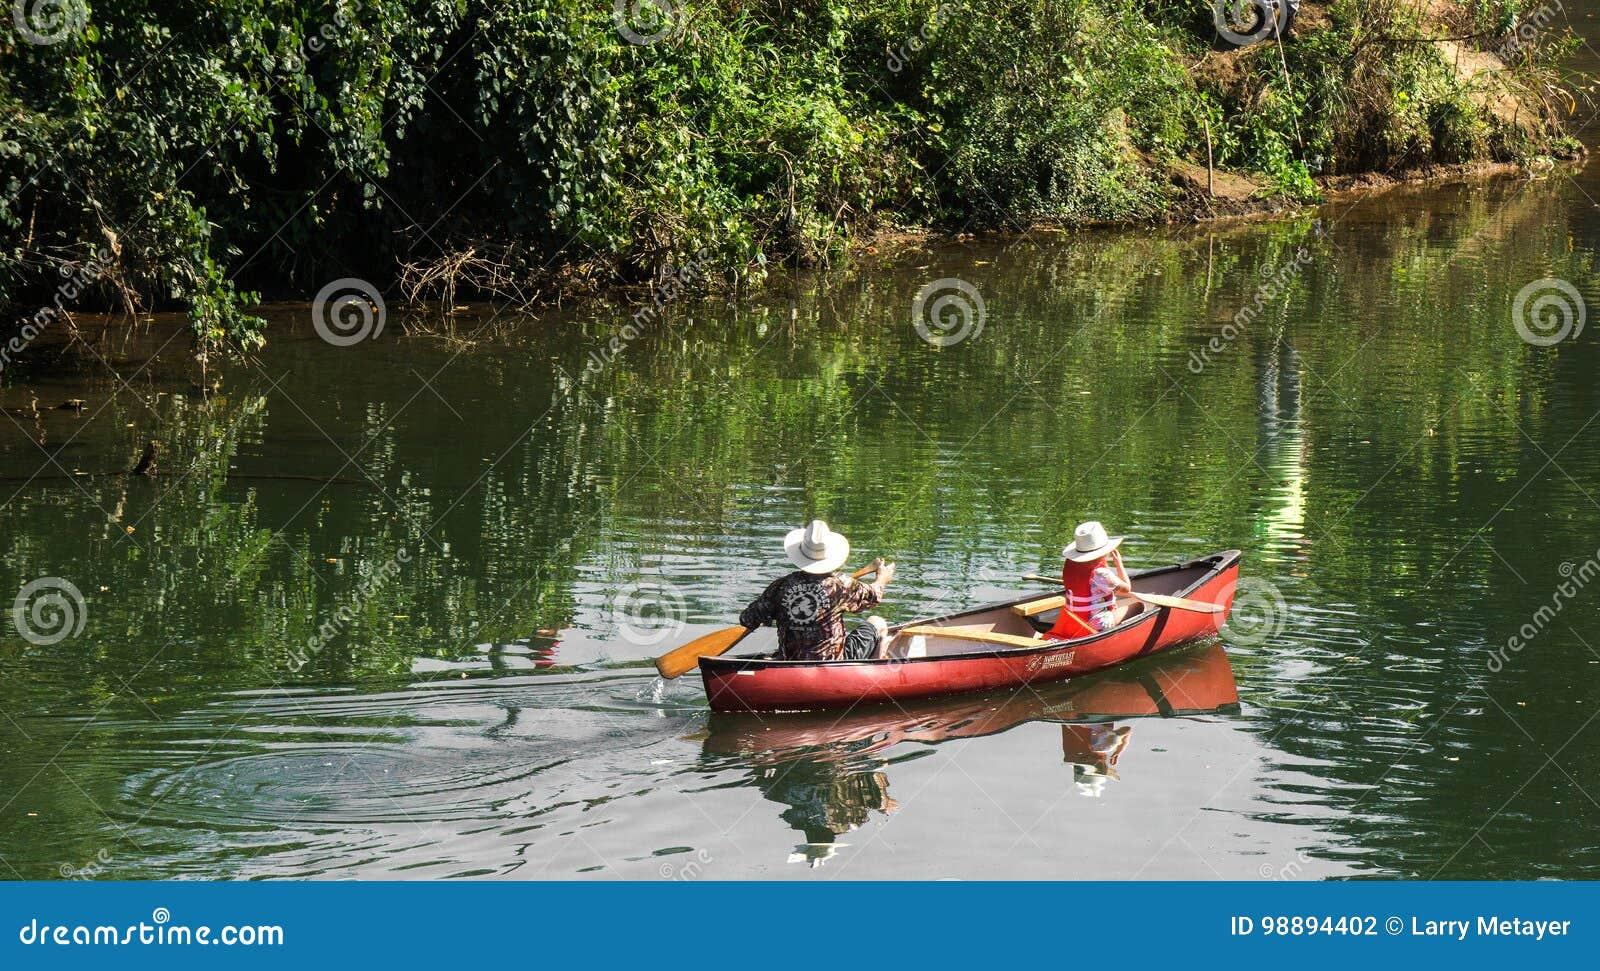 Canoa della figlia e del padre sul fiume